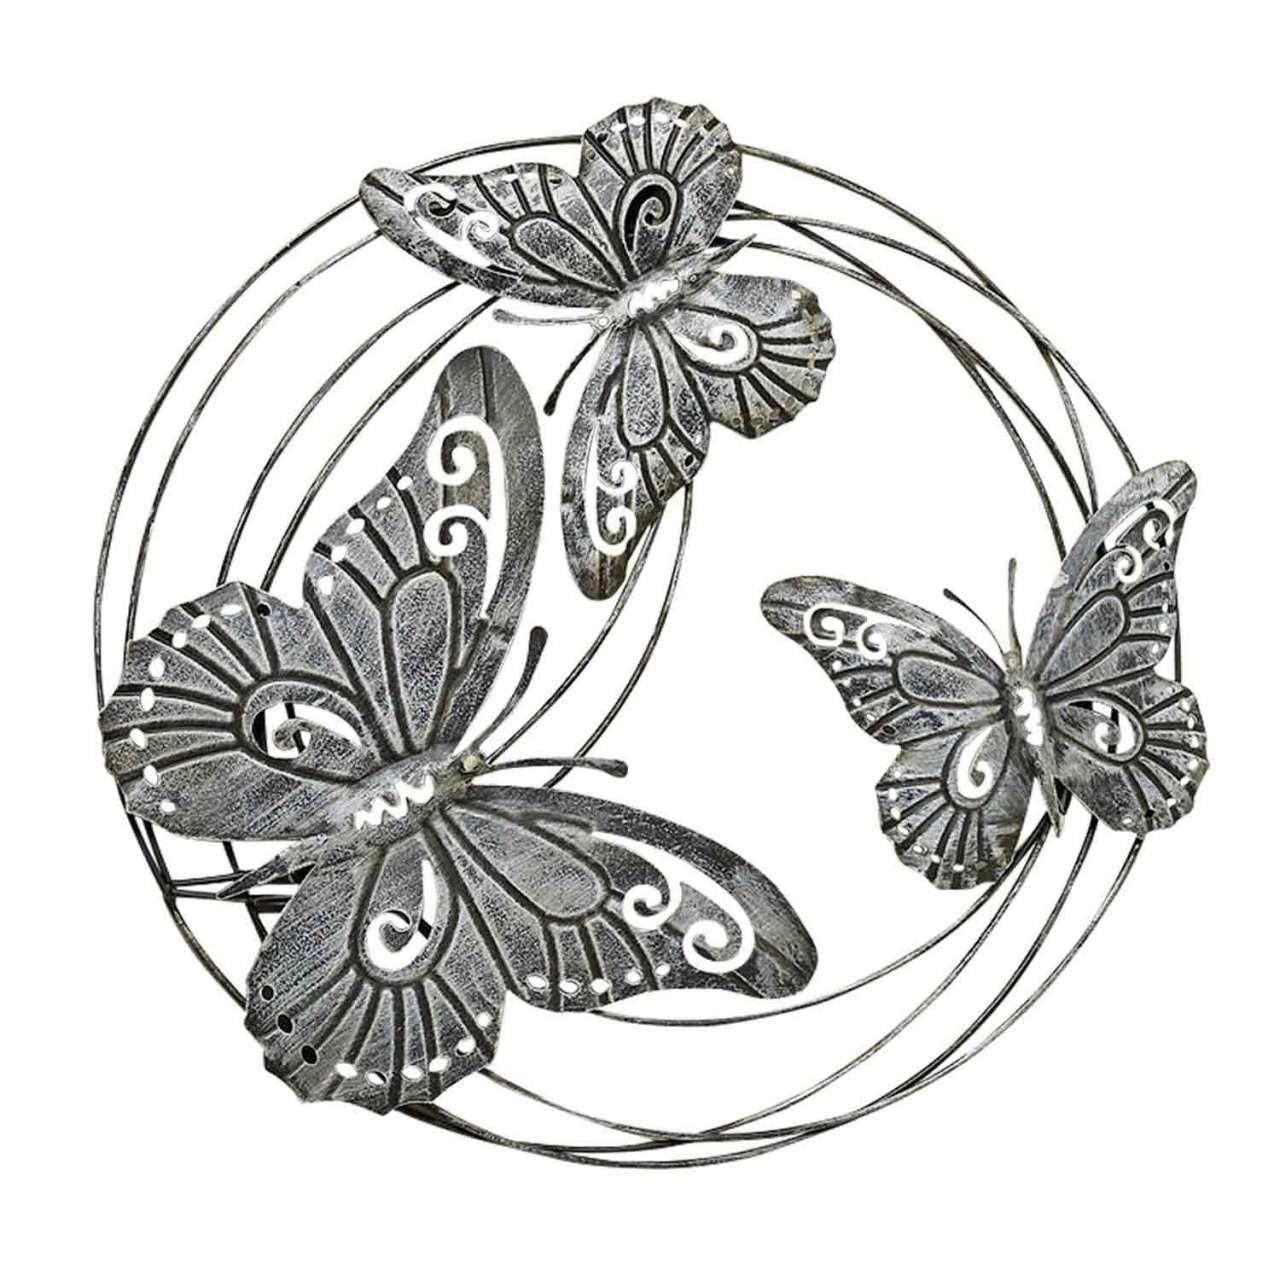 moebel-jack.de Wand-Deko, Schmetterling FELICITY, H 58 cm, Grau, Eisen, Schmetterling